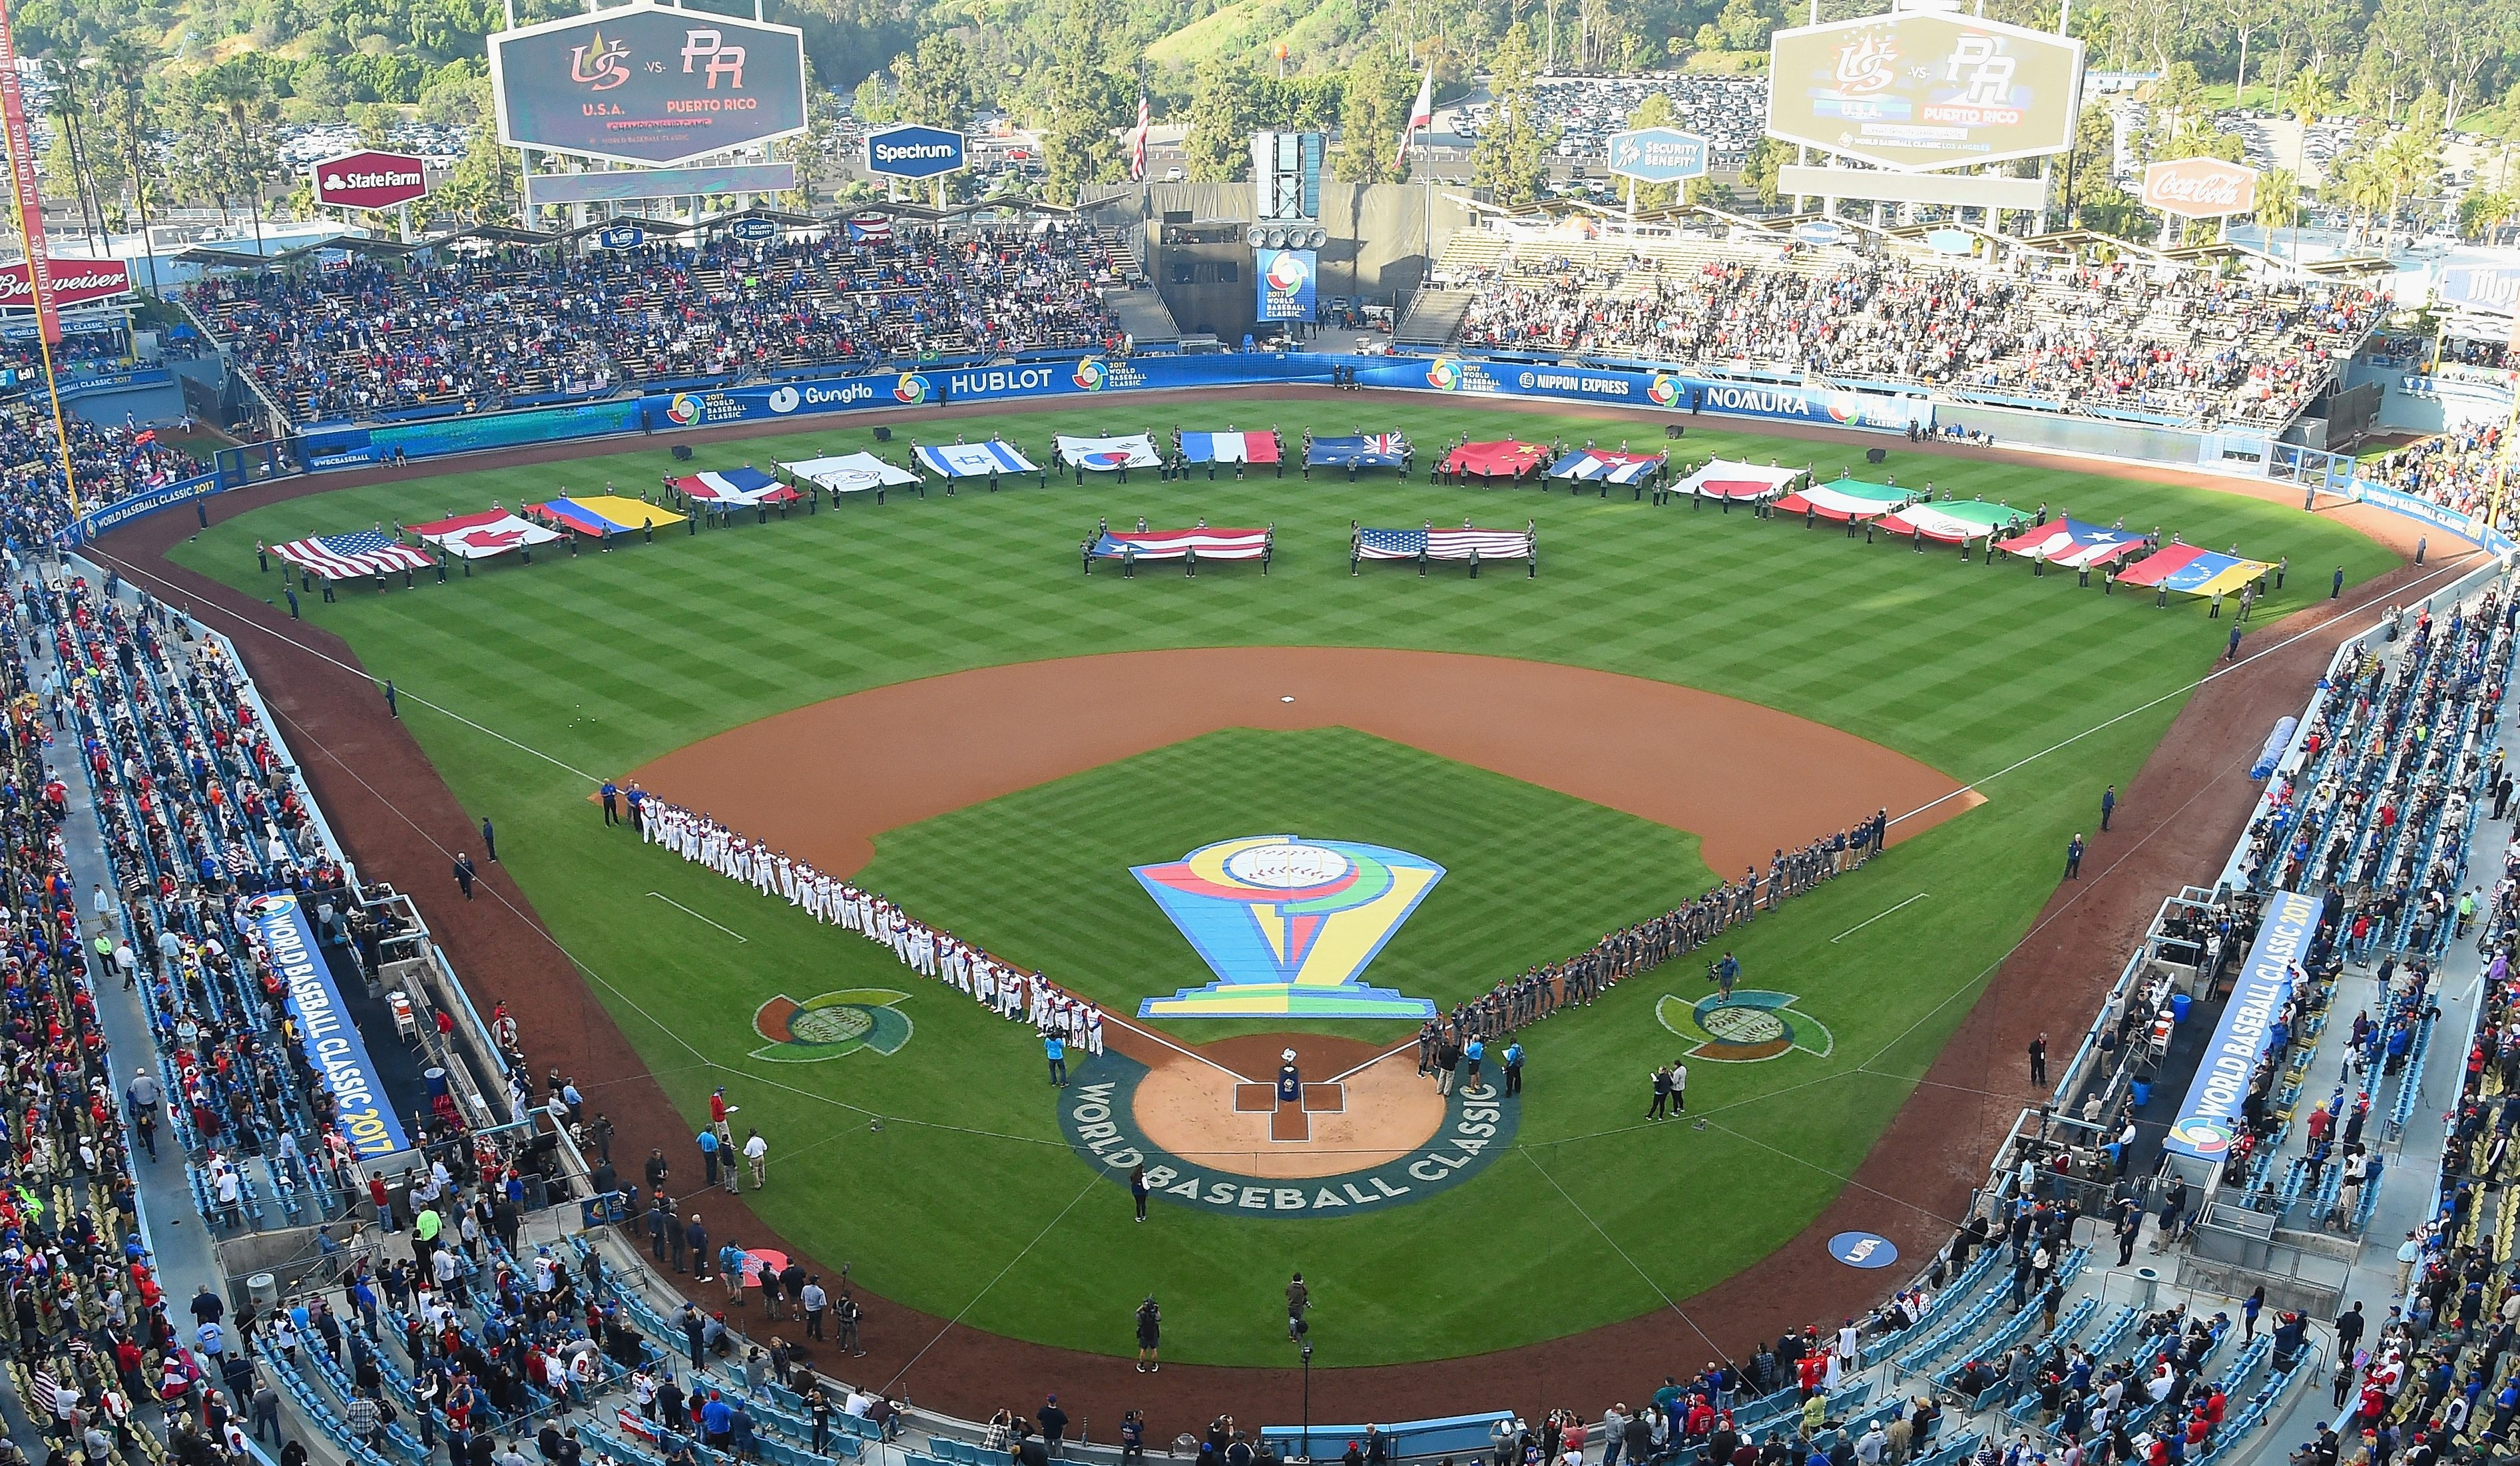 Броят на участниците в Световната бейзболна класика се увеличава от